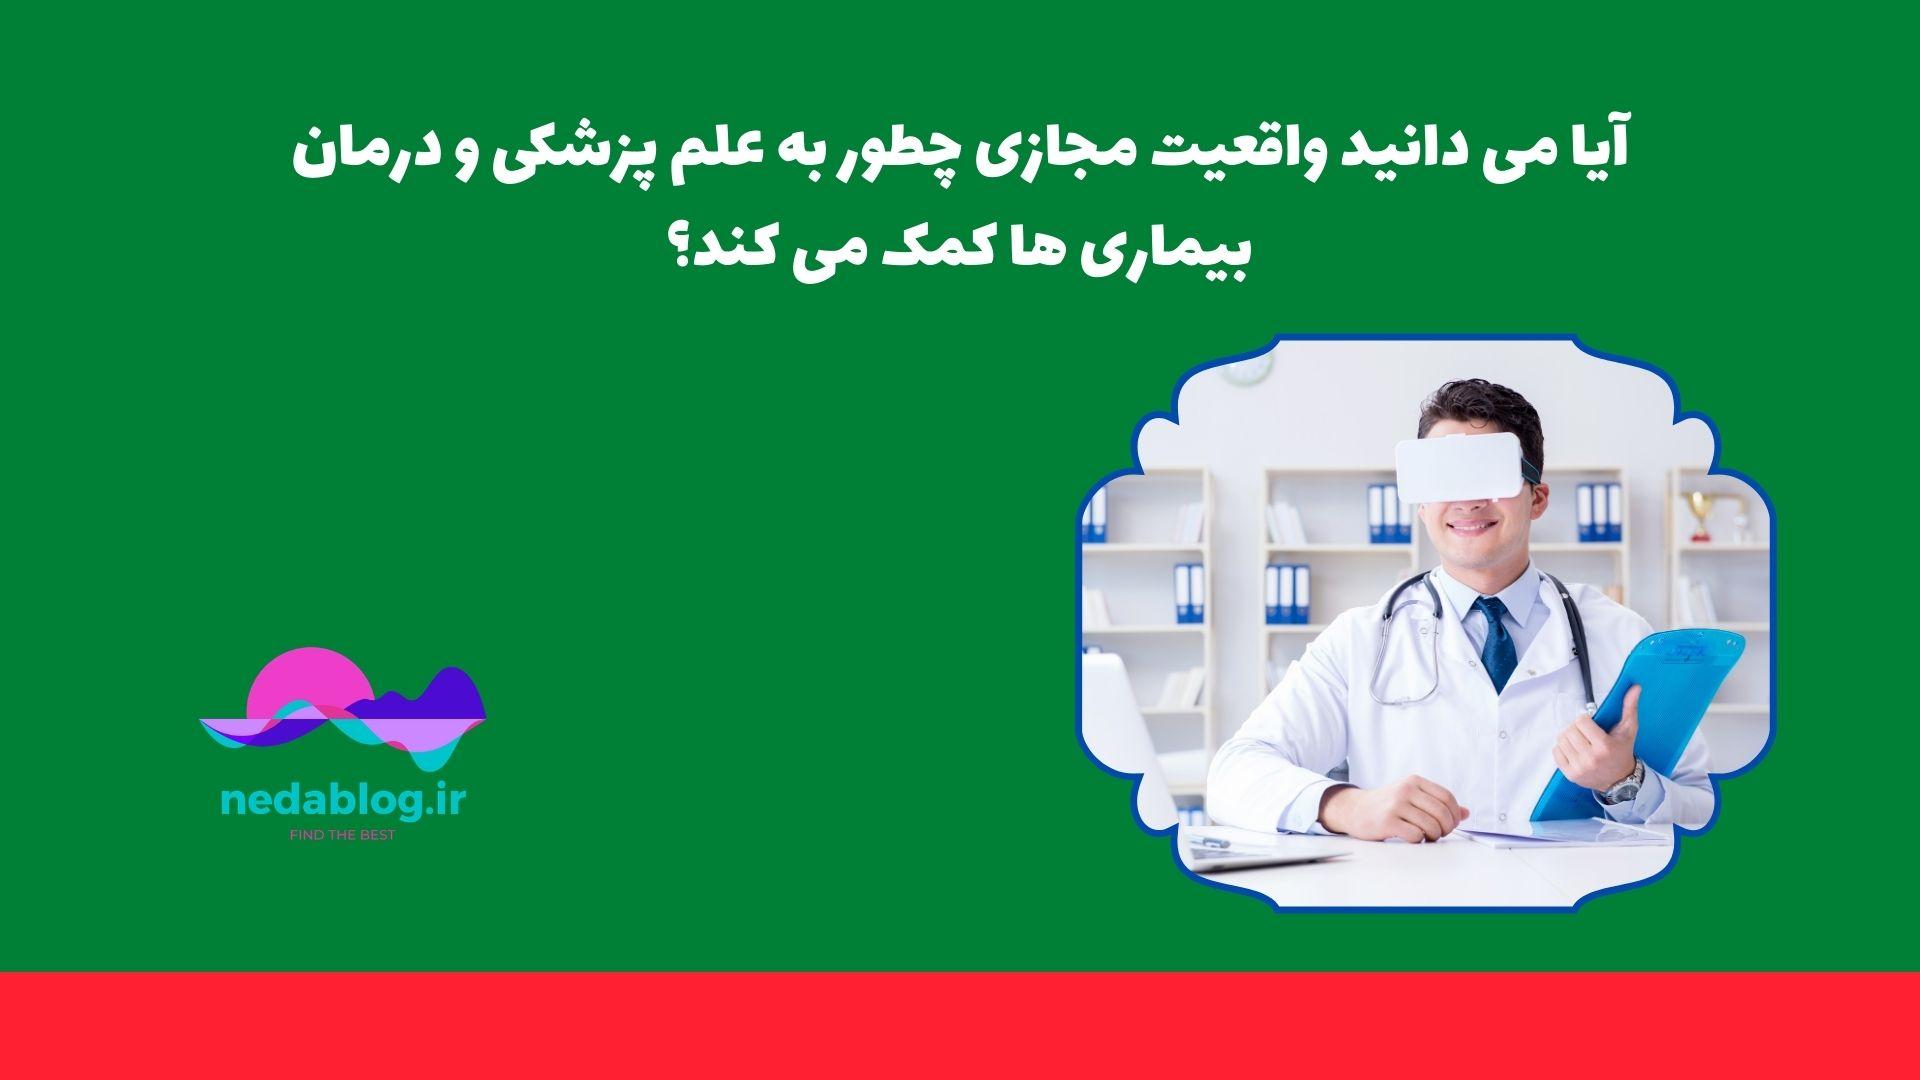 آیا می دانید واقعیت مجازی چطور به علم پزشکی و درمان بیماری ها کمک می کند؟